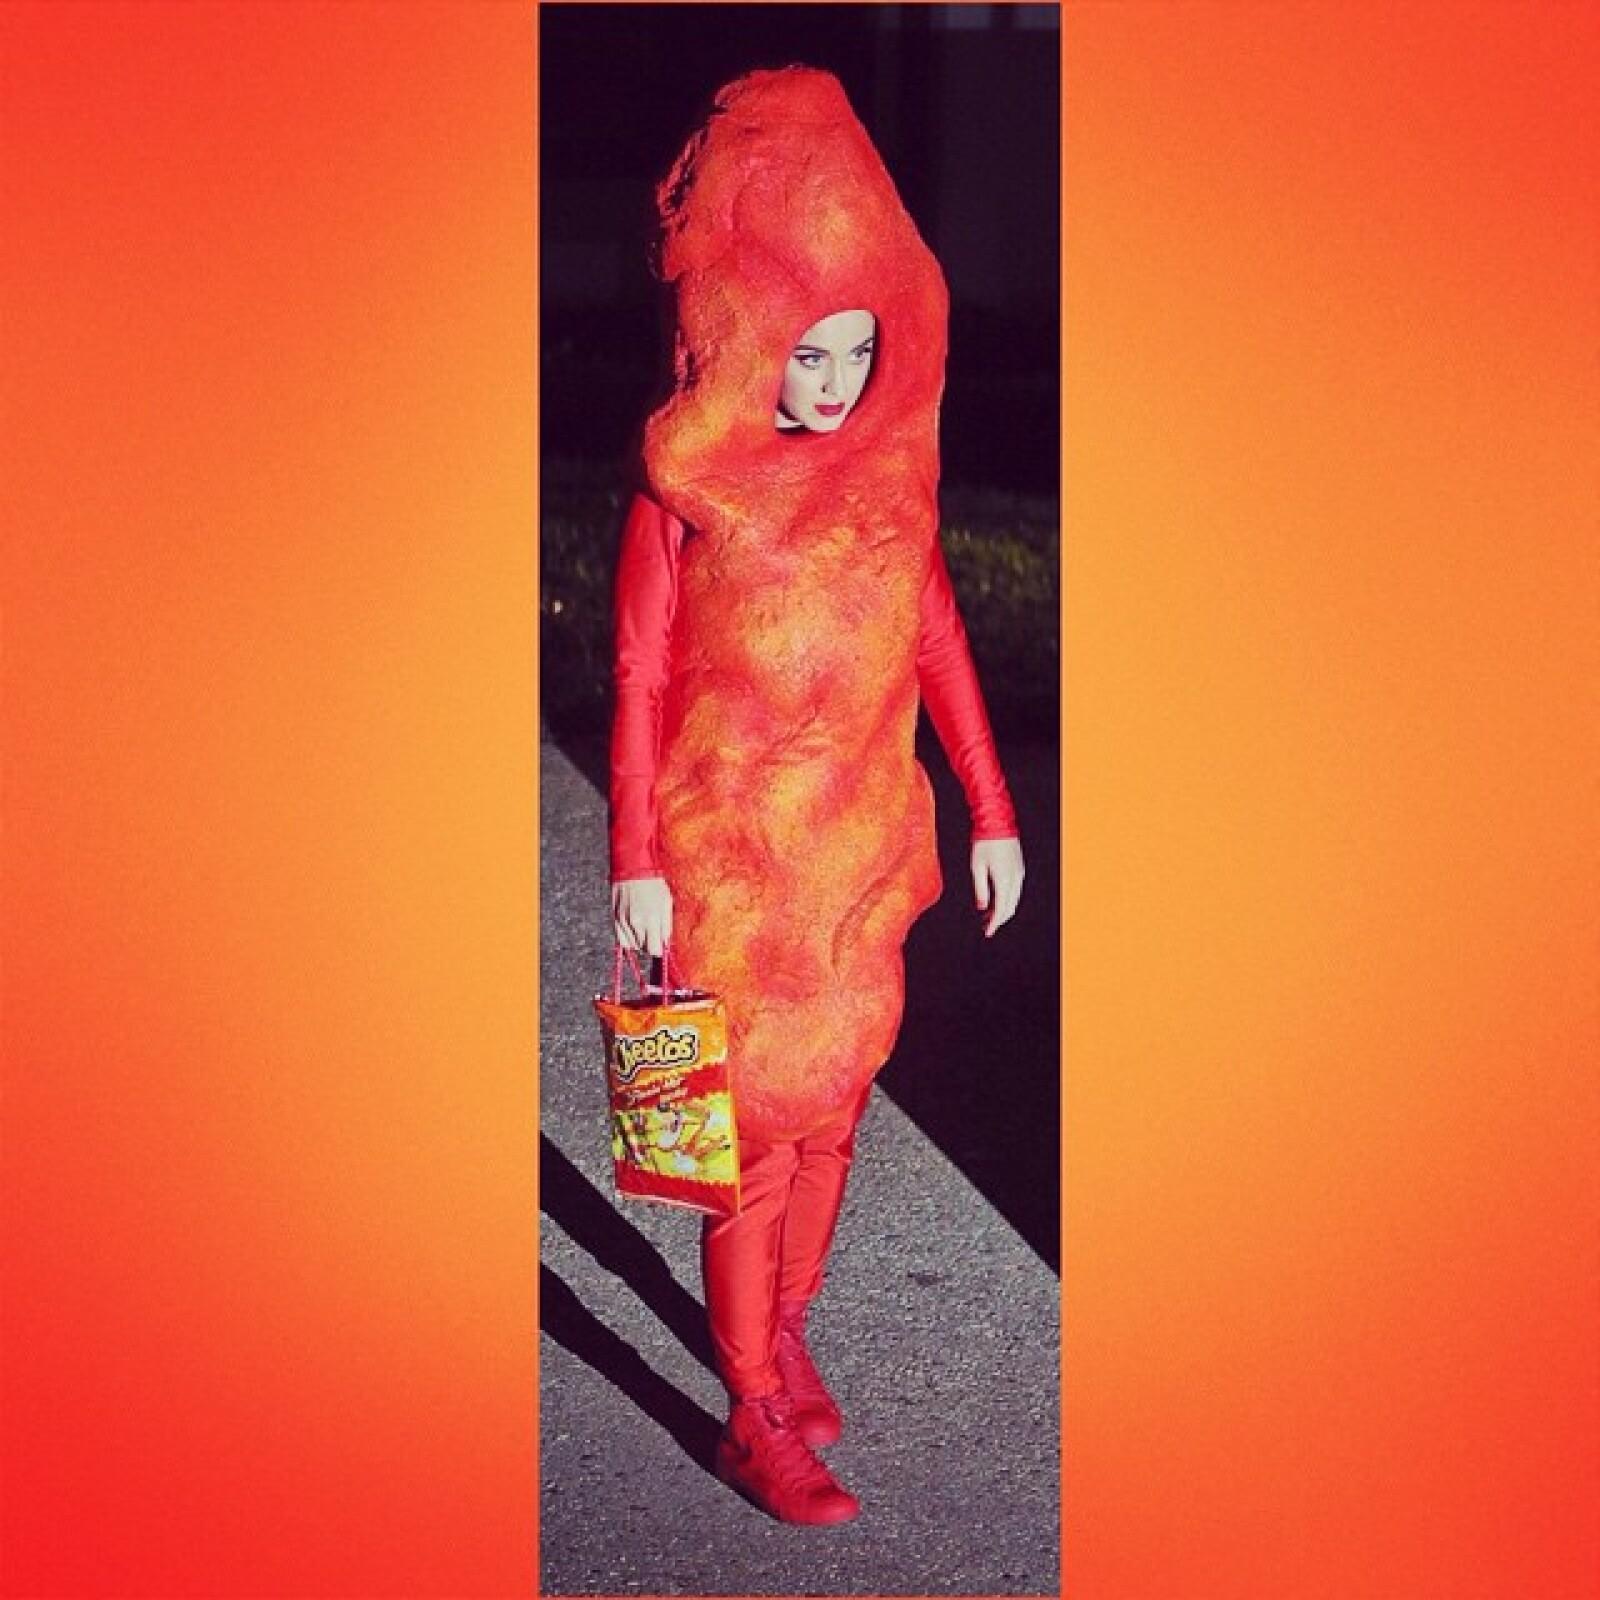 Sin duda uno de los disfraces más originales de este año se lo lleva Katy Perry pues eligió precisamente un cheeto. Incluso su bolso es una envoltura de cheetos.